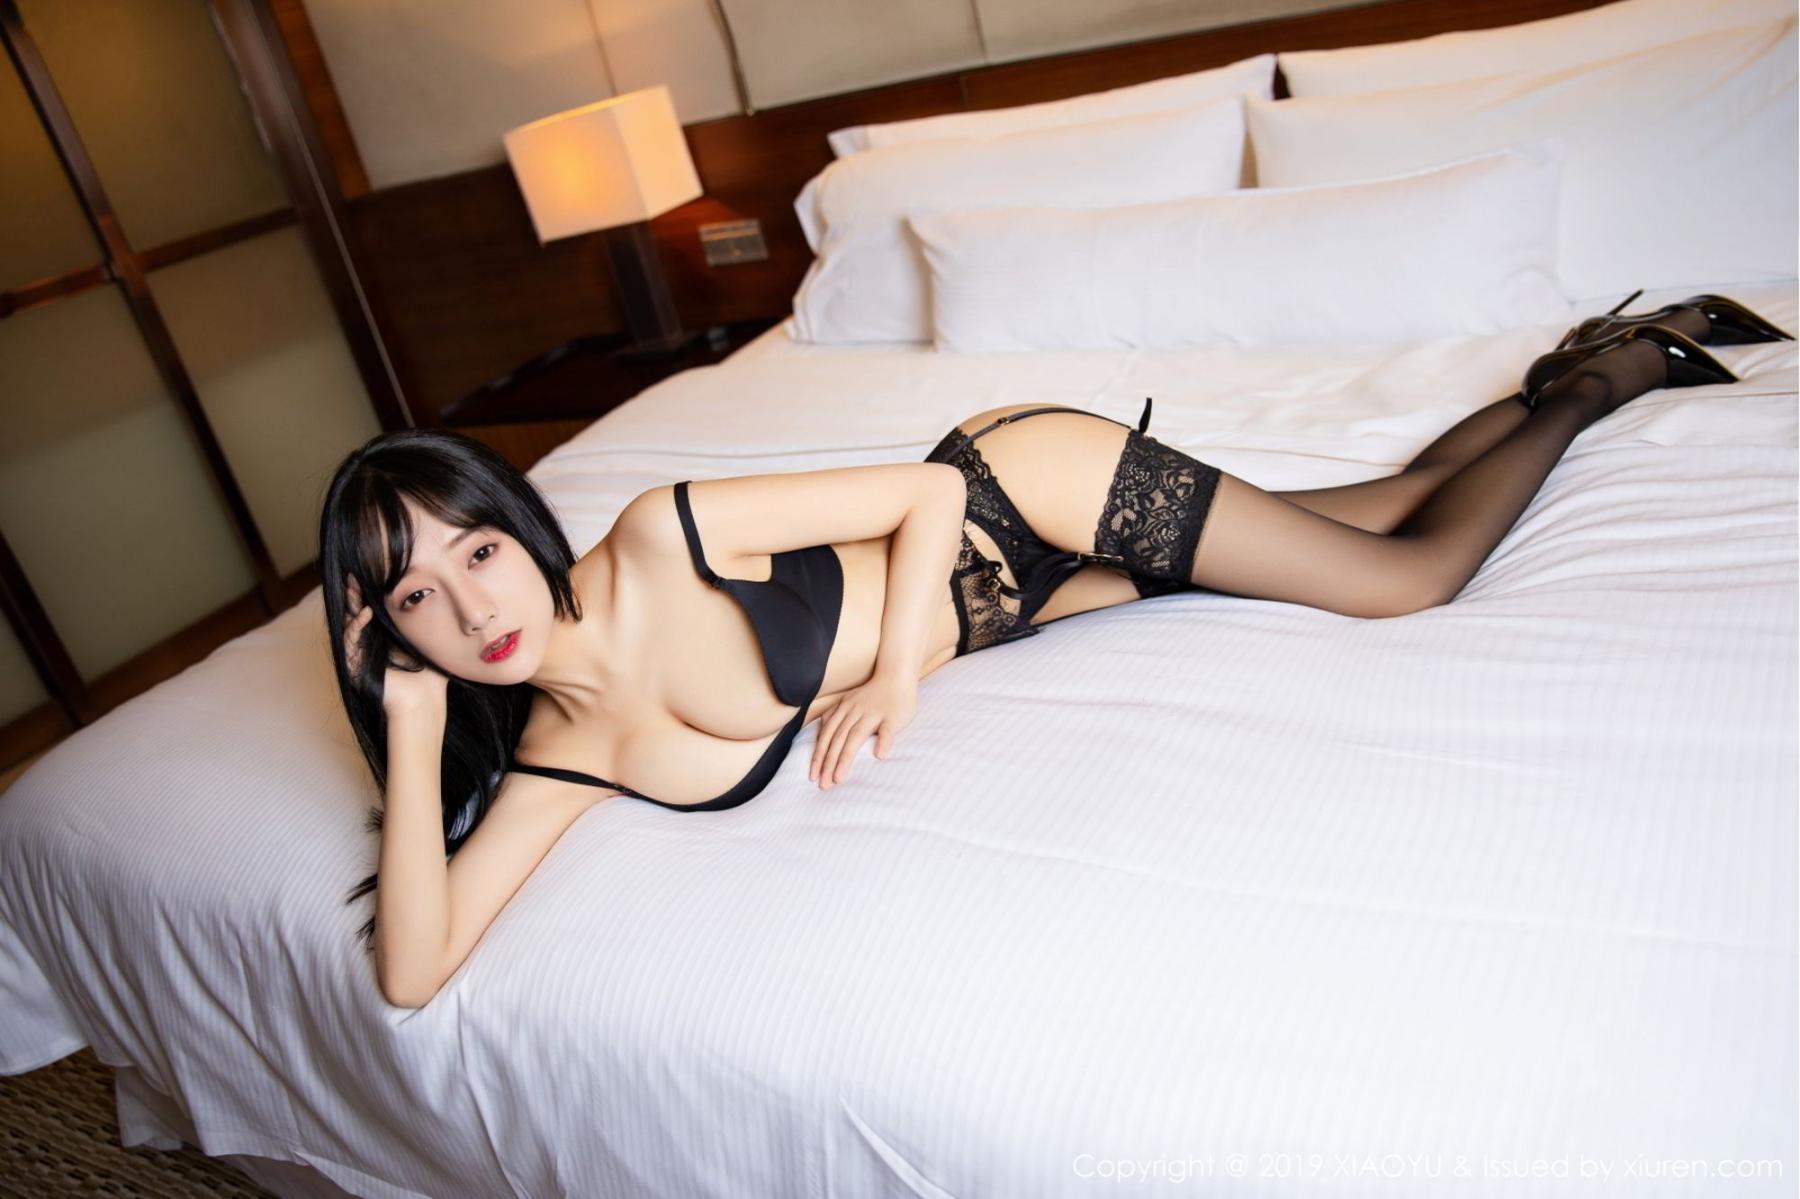 [XiaoYu] Vol.085 He Jia Ying 24P, Black Silk, He Jia Ying, Tall, Underwear, XiaoYu